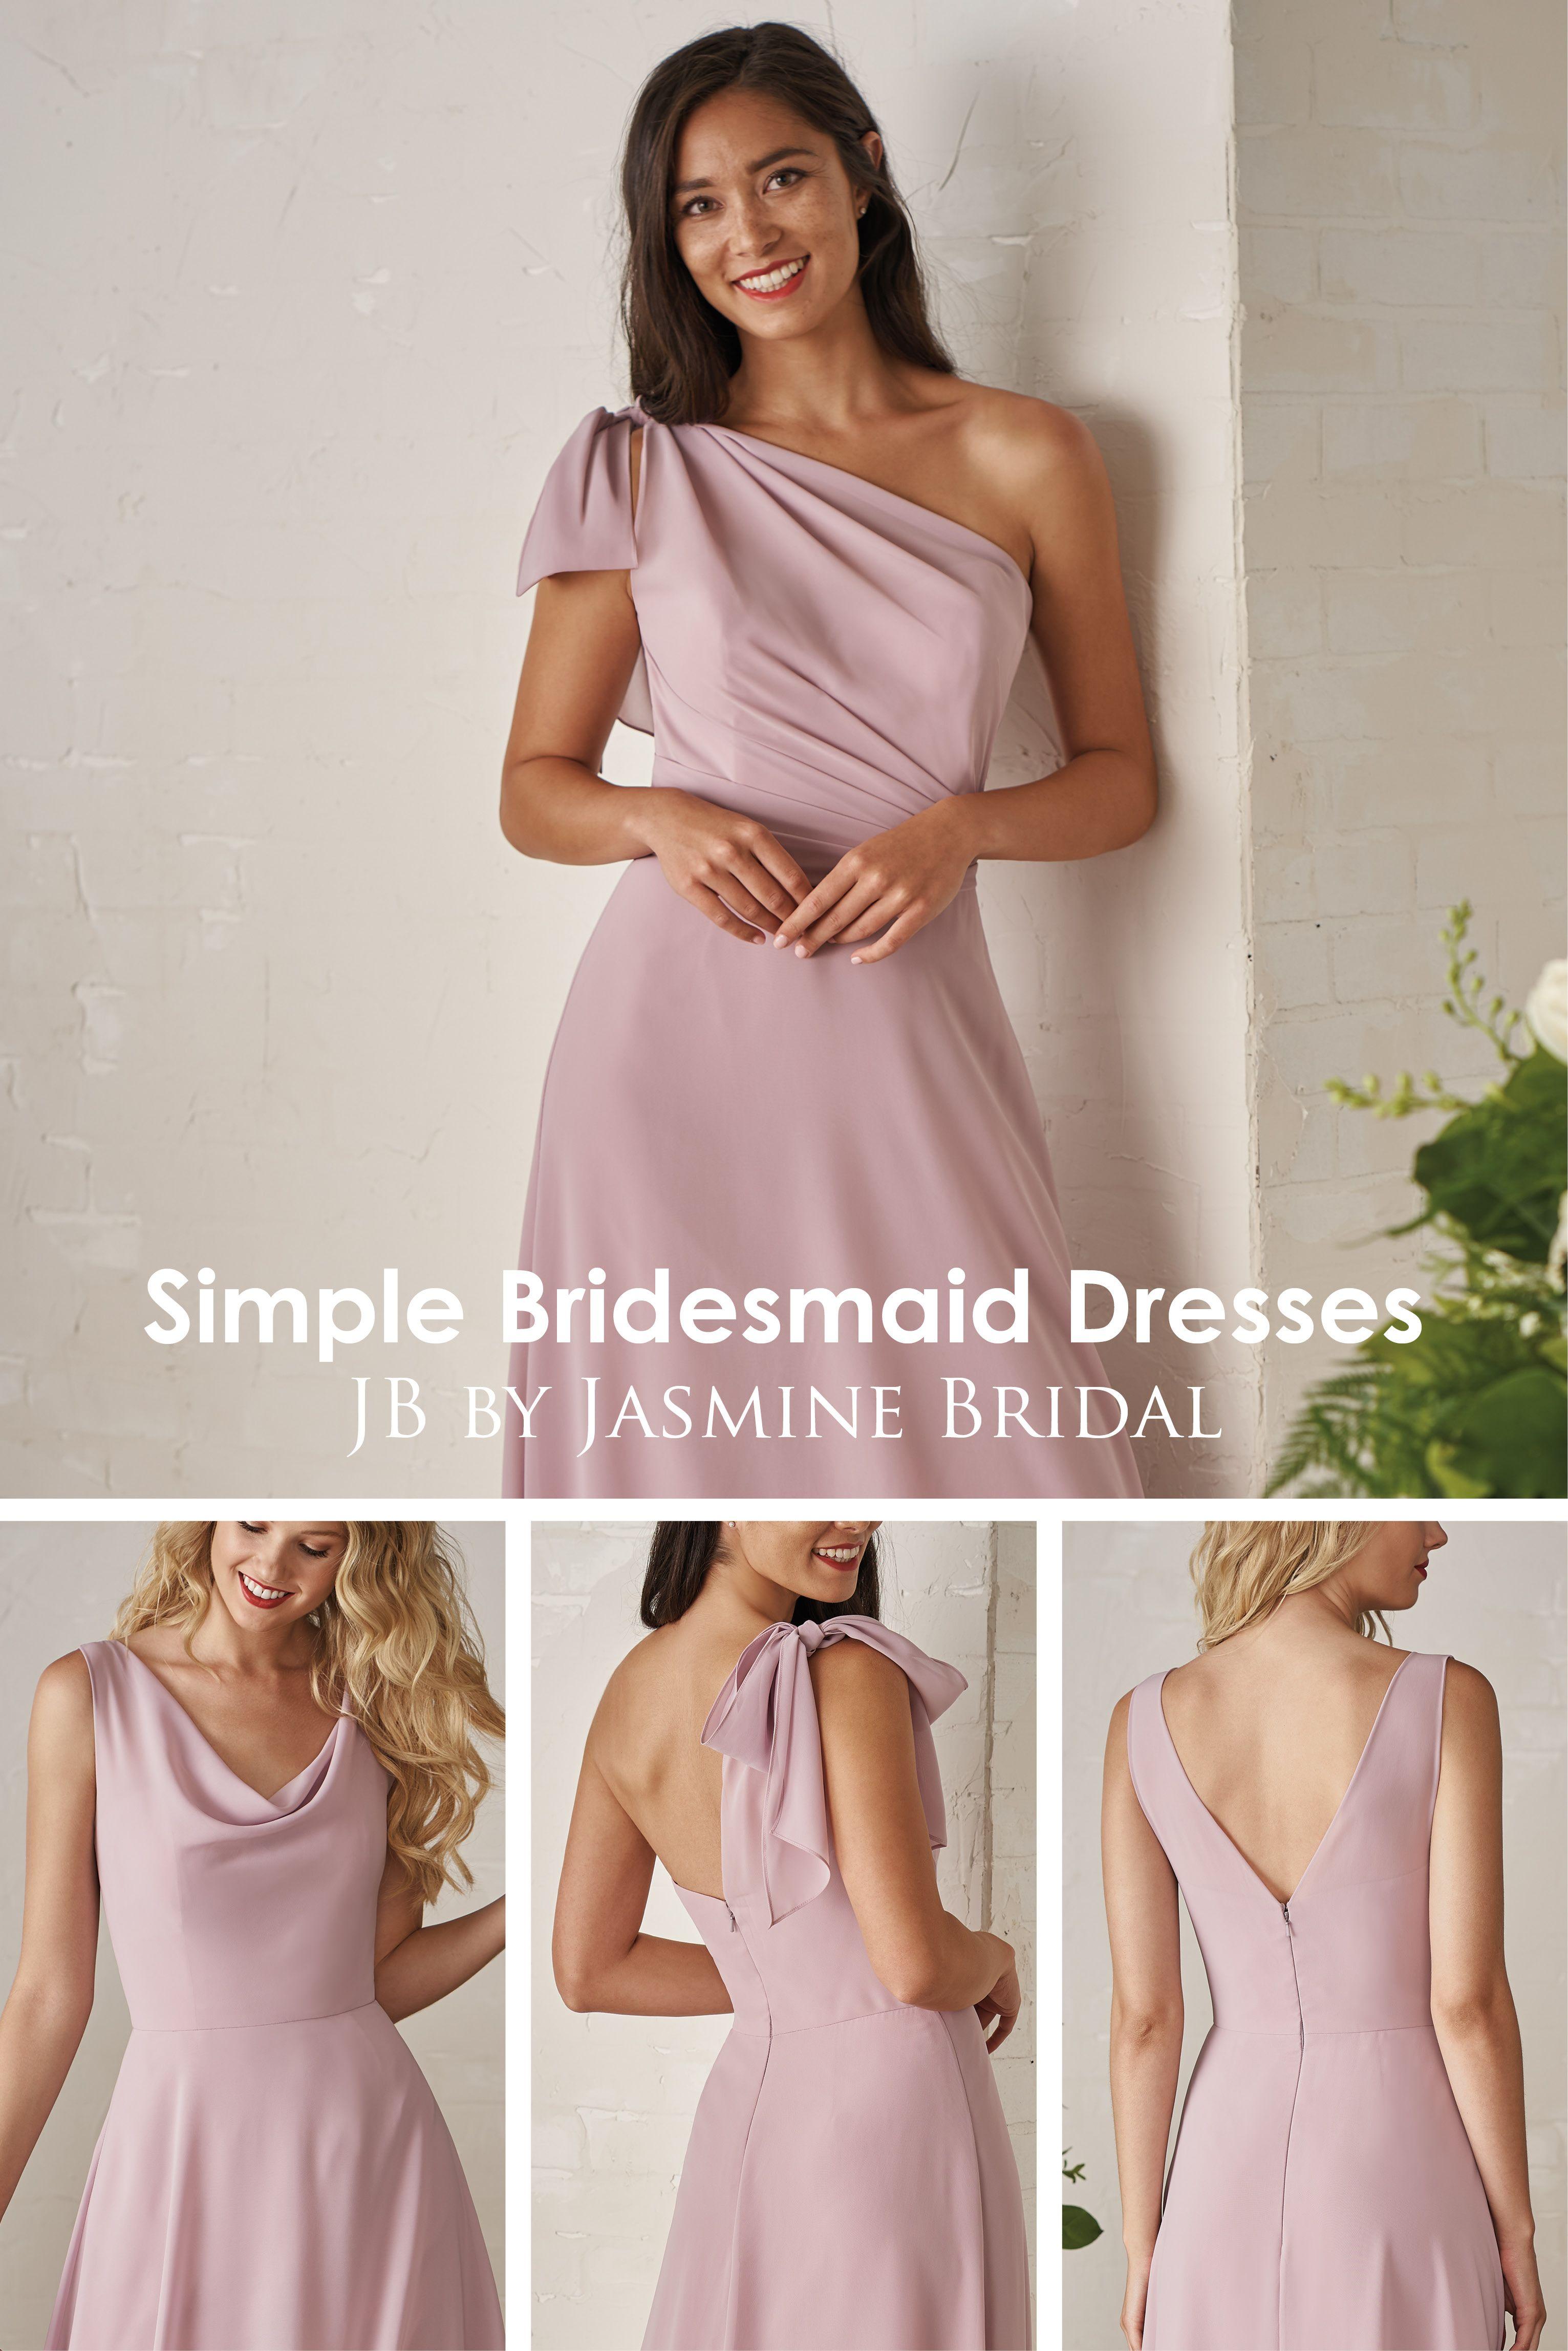 Jasmine bridal jb simple bridesmaid dresses long bridesmaid